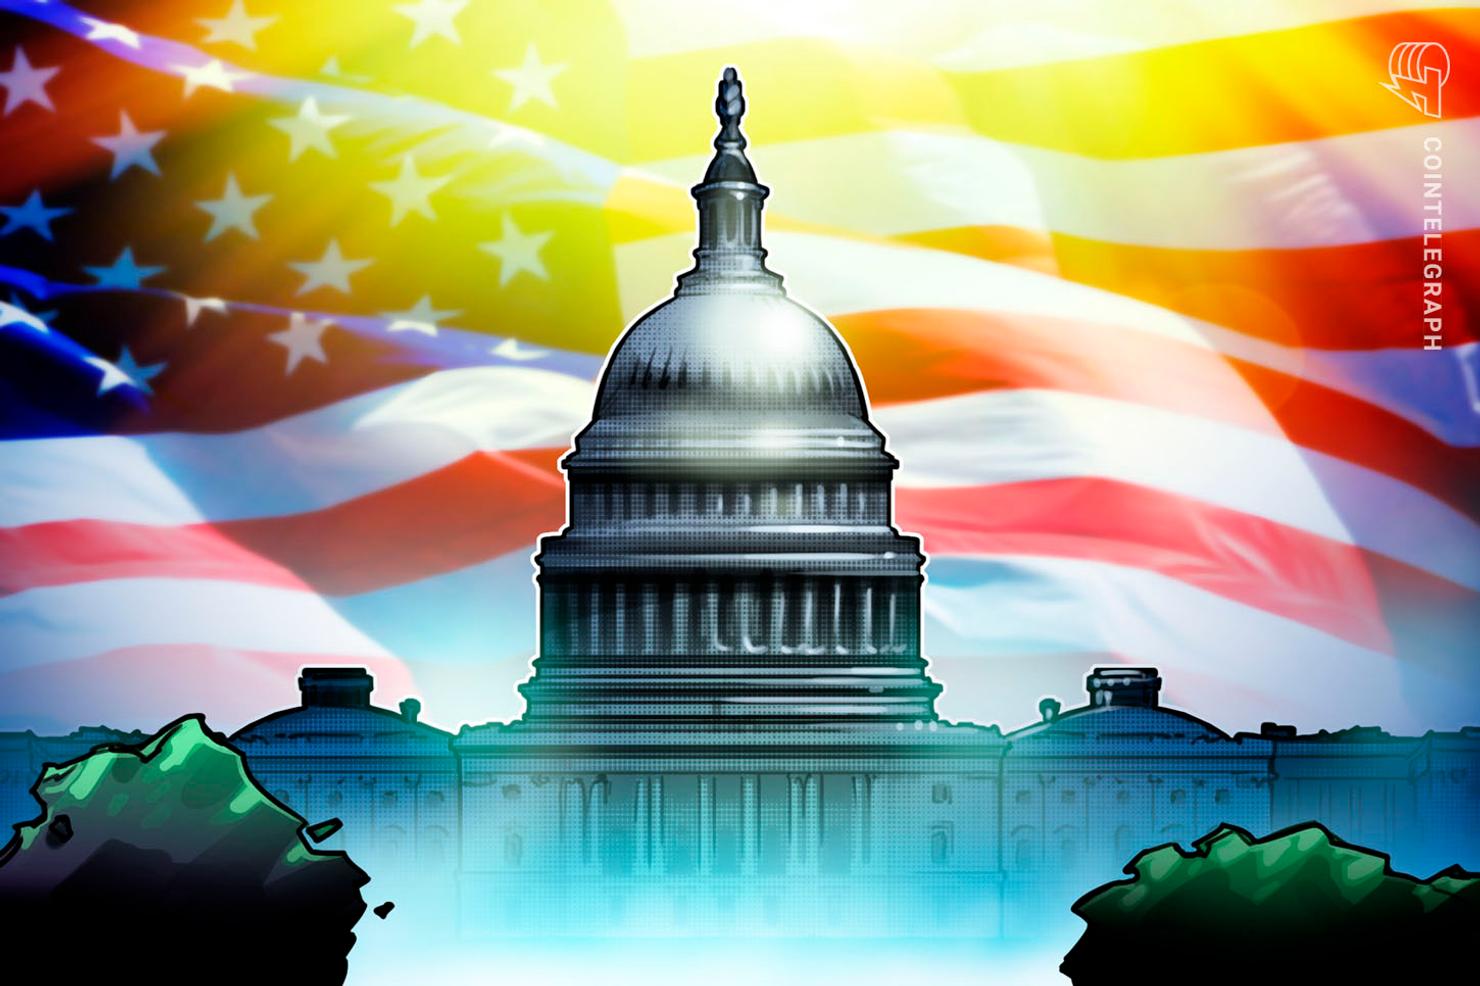 米議会、ステーブルコインを証券とみなす法案を検討|米議員からは「仮想通貨リブラは証券」説も【ニュース】